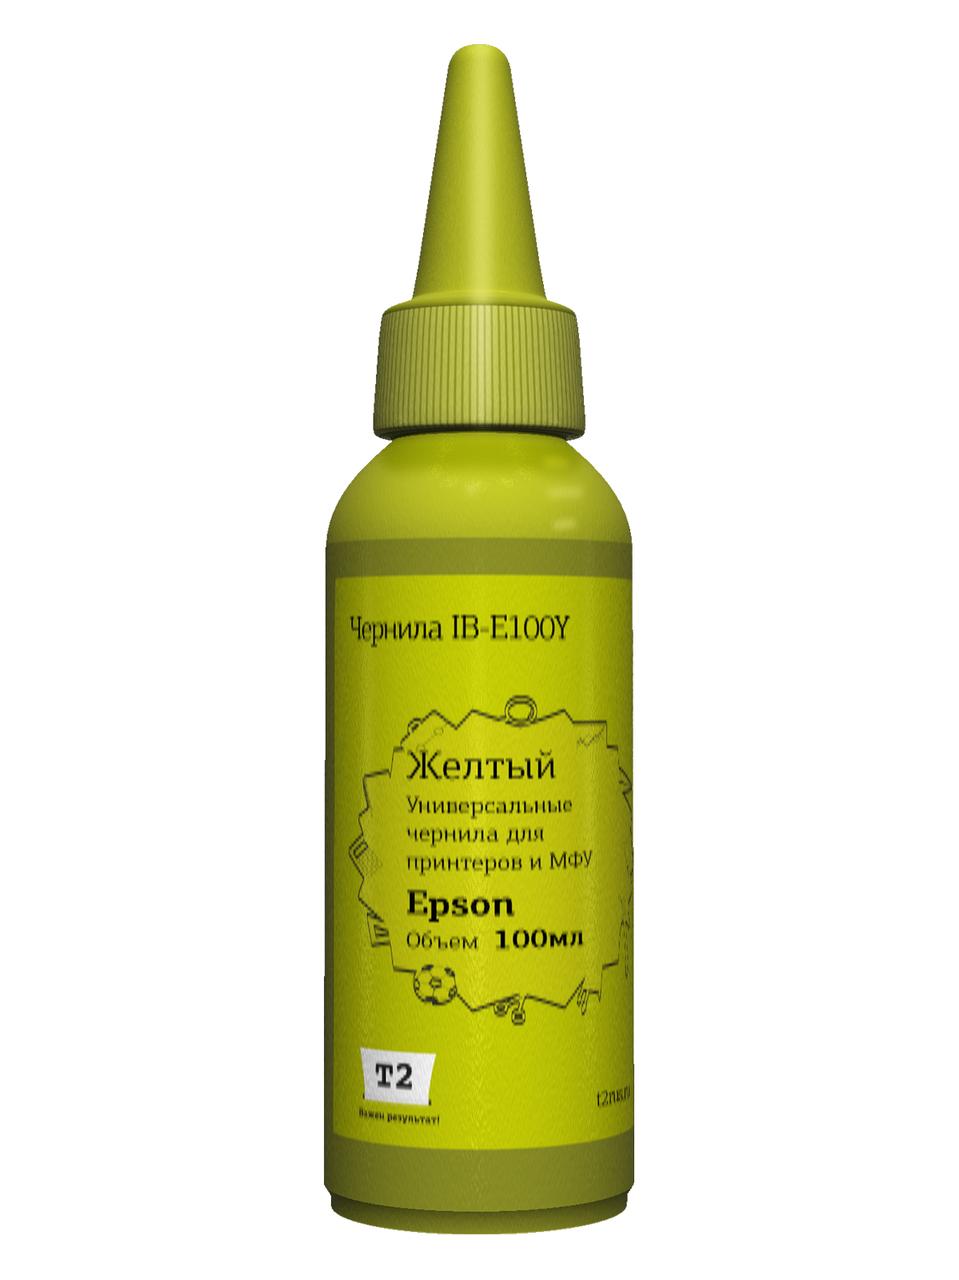 IB-E100Y Чернила T2 универсальные для Epson, цвет желтый(100мл.)